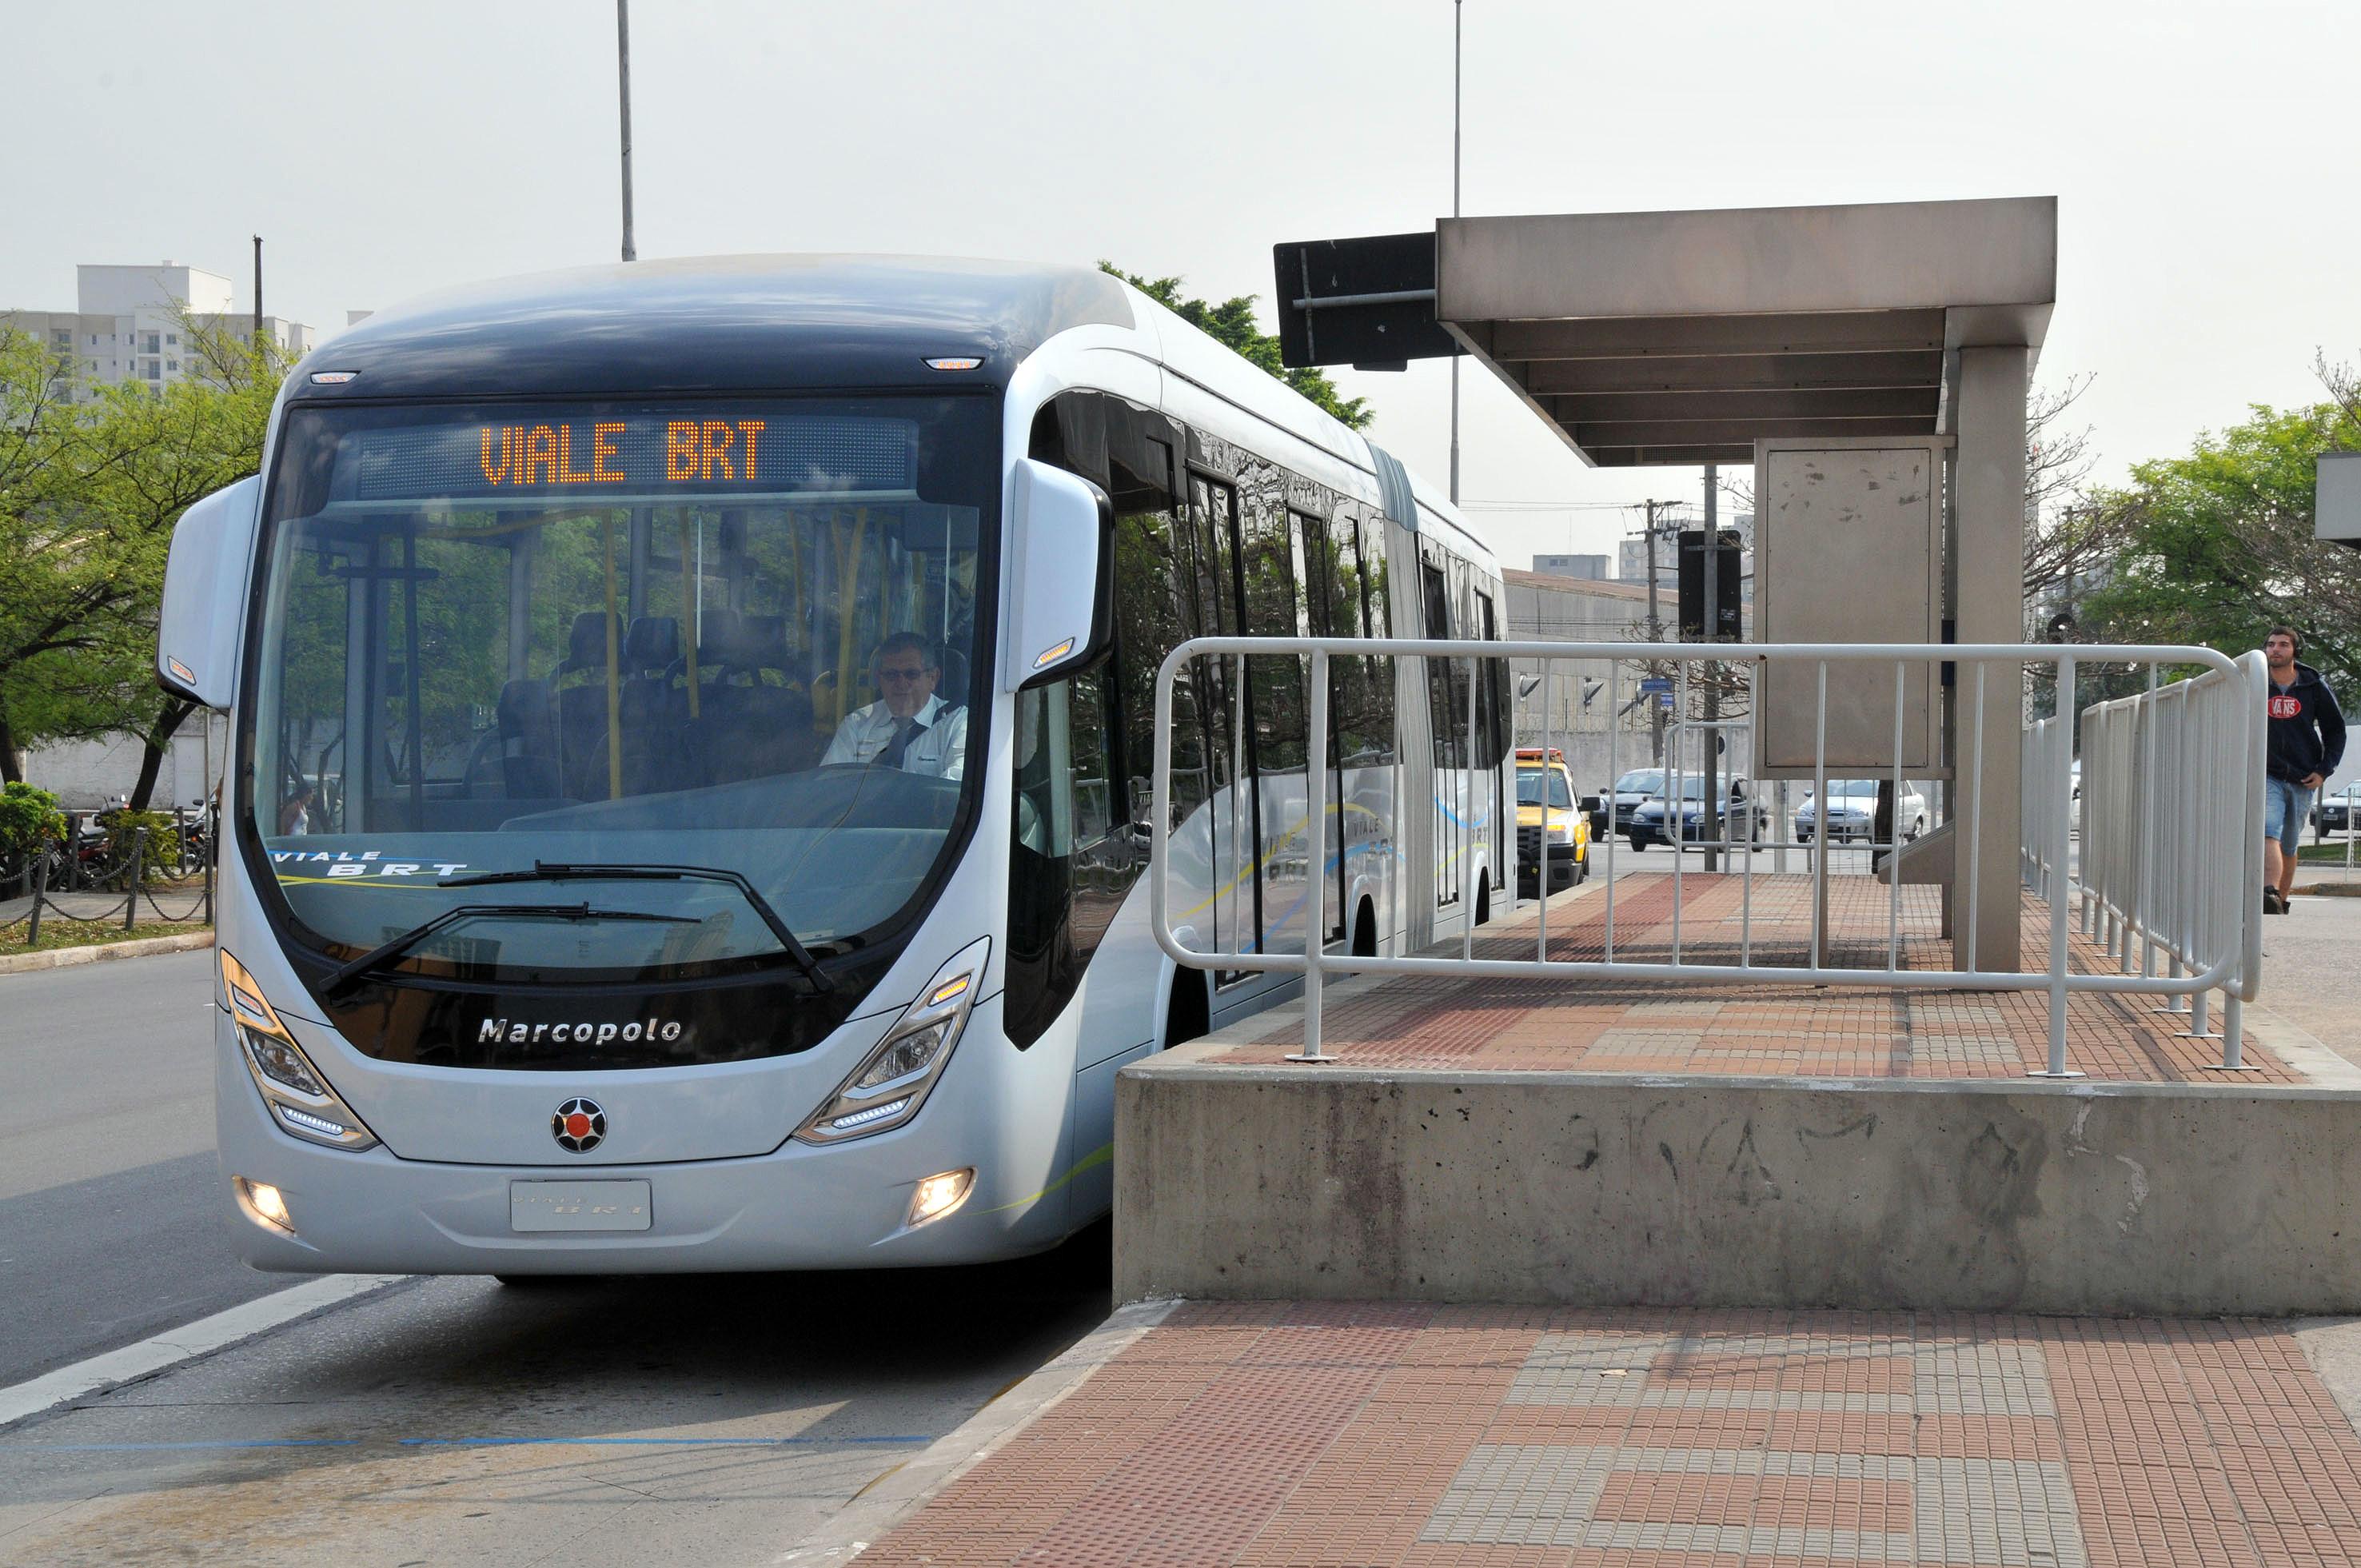 BRT de Sorocaba, no interior de São Paulo: uma das cidades de médio porte que aderiu ao pavimento de concreto.